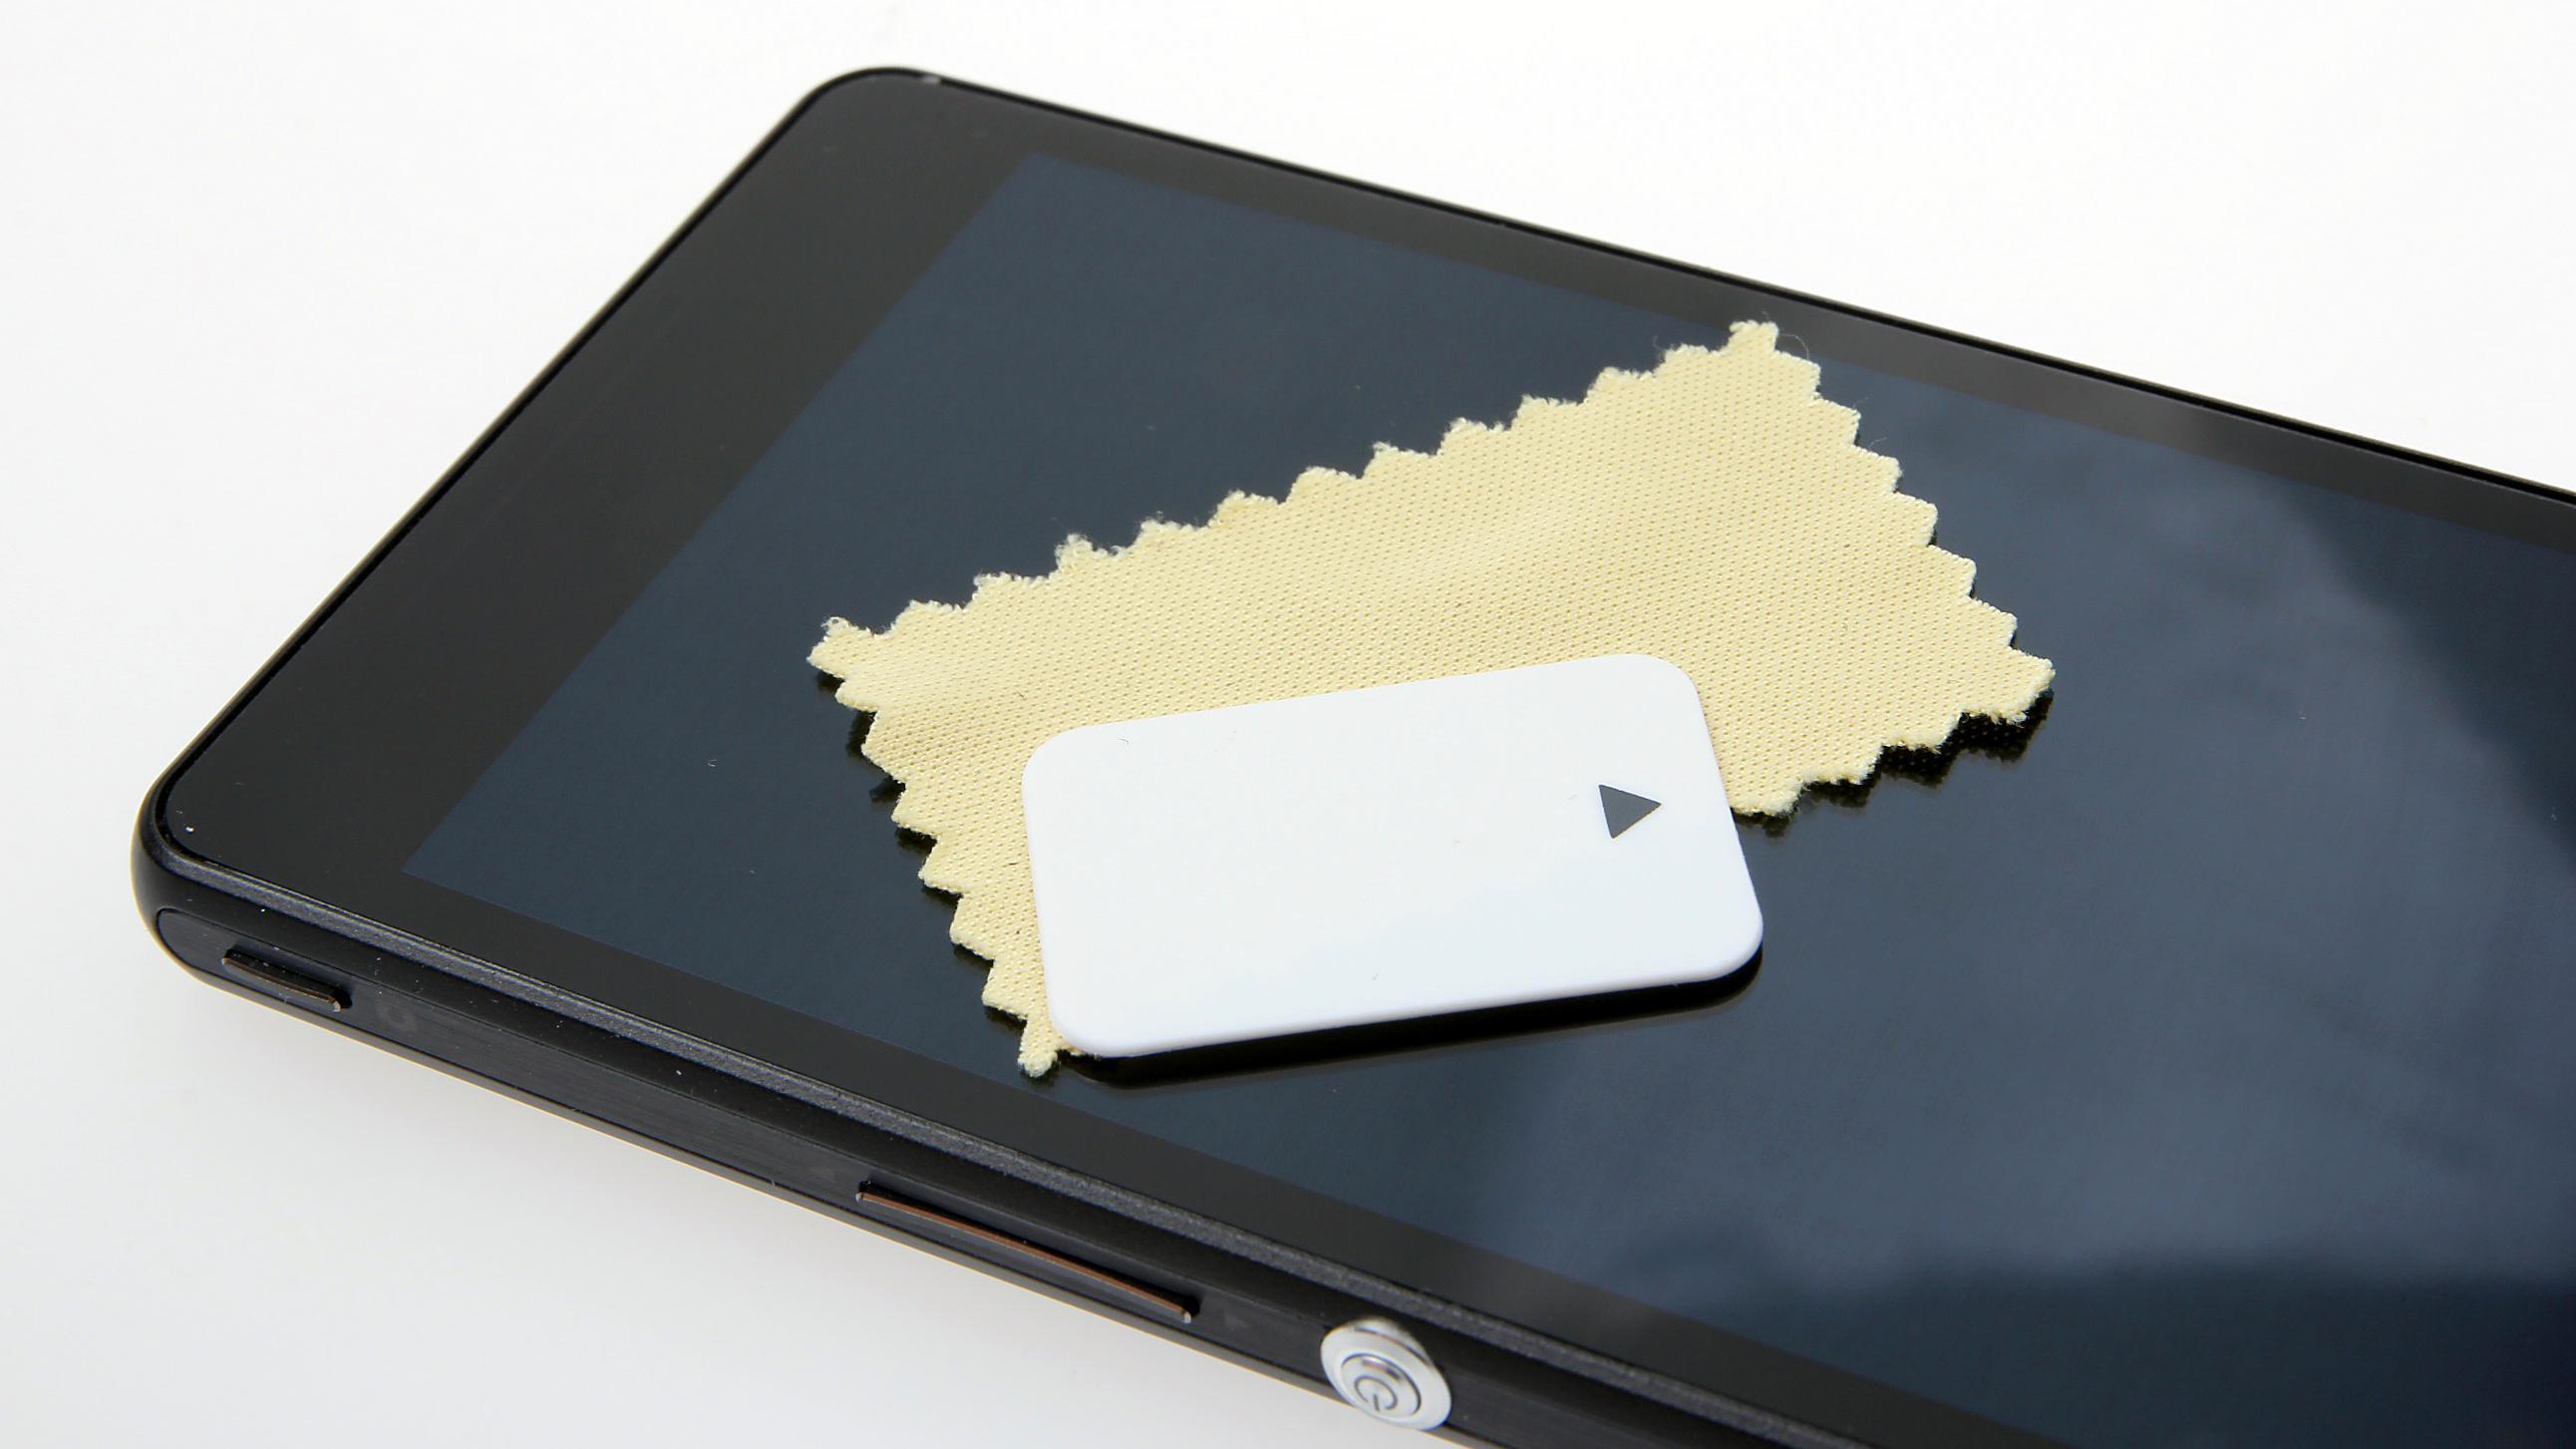 Er dette verdens minste pusseklut? Den følger med, sammen med en liten dings for å fjerne plastfilmen foran skjermen.Foto: Kurt Lekanger, Amobil.no